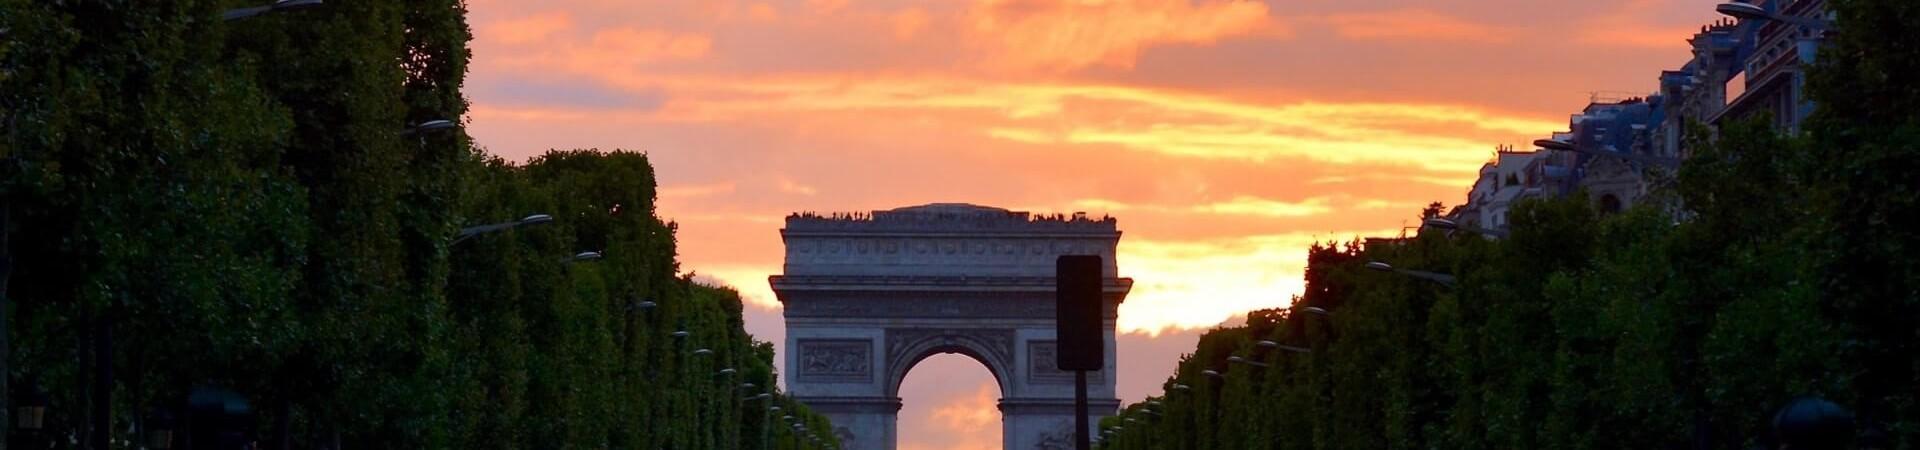 Champs Elysees Paryż